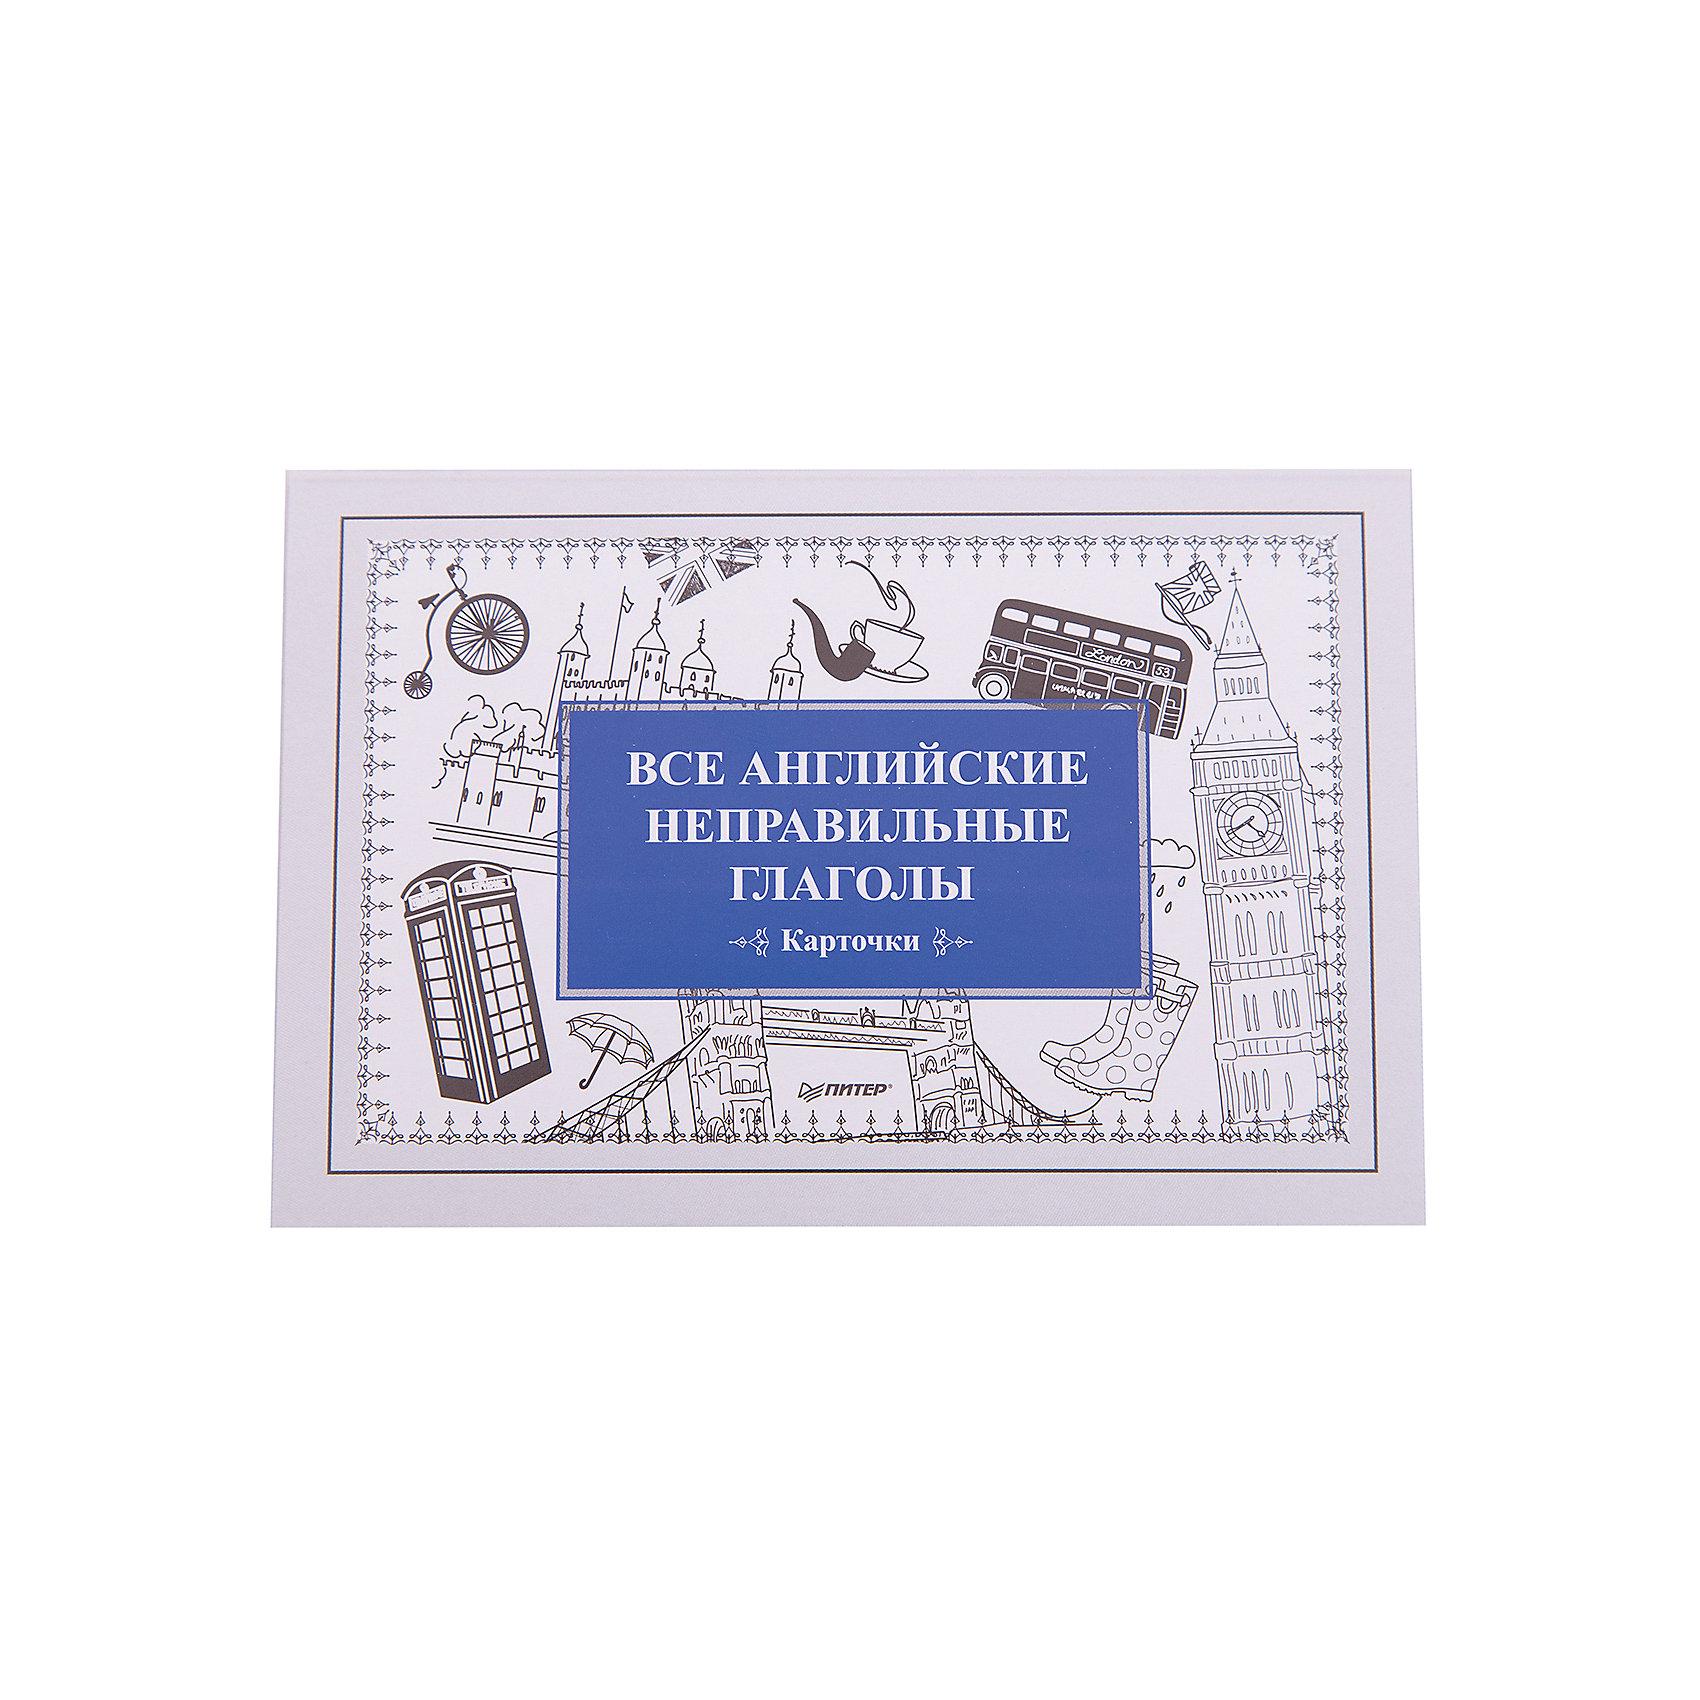 Карточки Все английские неправильные глаголыИностранный язык<br>Характеристики товара:<br><br>•  в комплекте: 27 карточек;<br>• формат: 80х11 см;<br>• ISBN: 978-5-496-00409-1;<br>• вес: 70 грамм.<br><br>На карточках представлены все английские неправильные глаголы во всех формах и с переводом на русский язык. Обучение по карточкам максимально удобно для запоминания.<br><br>Каждая форма глагола дополнена транскрипцией. Обучающийся сможет повесить карточки на стену, чтобы быстрее запомнить глаголы. А для закрепления знаний часть карточек можно закрыть, чтобы самостоятельно вспомнить все необходимые слова.<br><br>Карточки Все английские неправильные глаголы можно купить в нашем интернет-магазине.<br><br>Ширина мм: 79<br>Глубина мм: 116<br>Высота мм: 40<br>Вес г: 61<br>Возраст от месяцев: 12<br>Возраст до месяцев: 2147483647<br>Пол: Унисекс<br>Возраст: Детский<br>SKU: 5576694